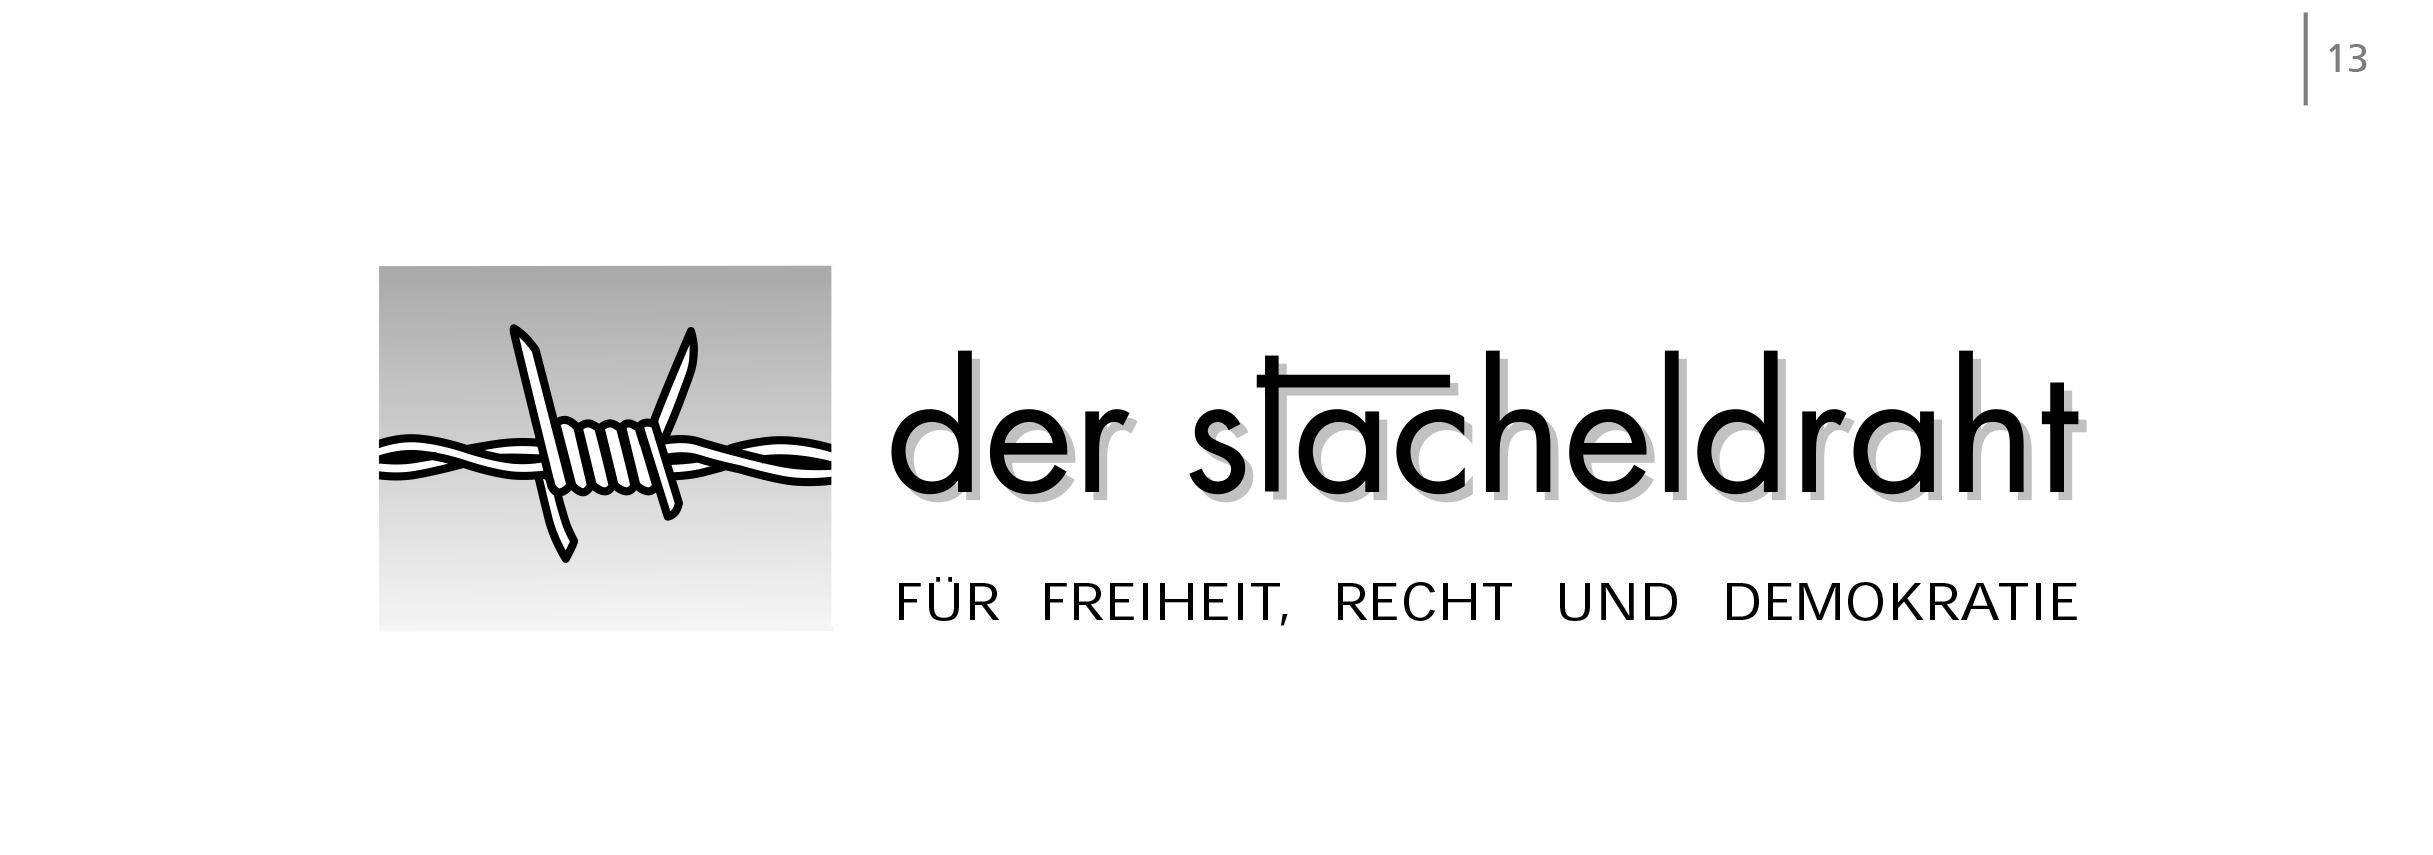 Logo der stacheldraht - Für Freiheit, Recht und Demokratie